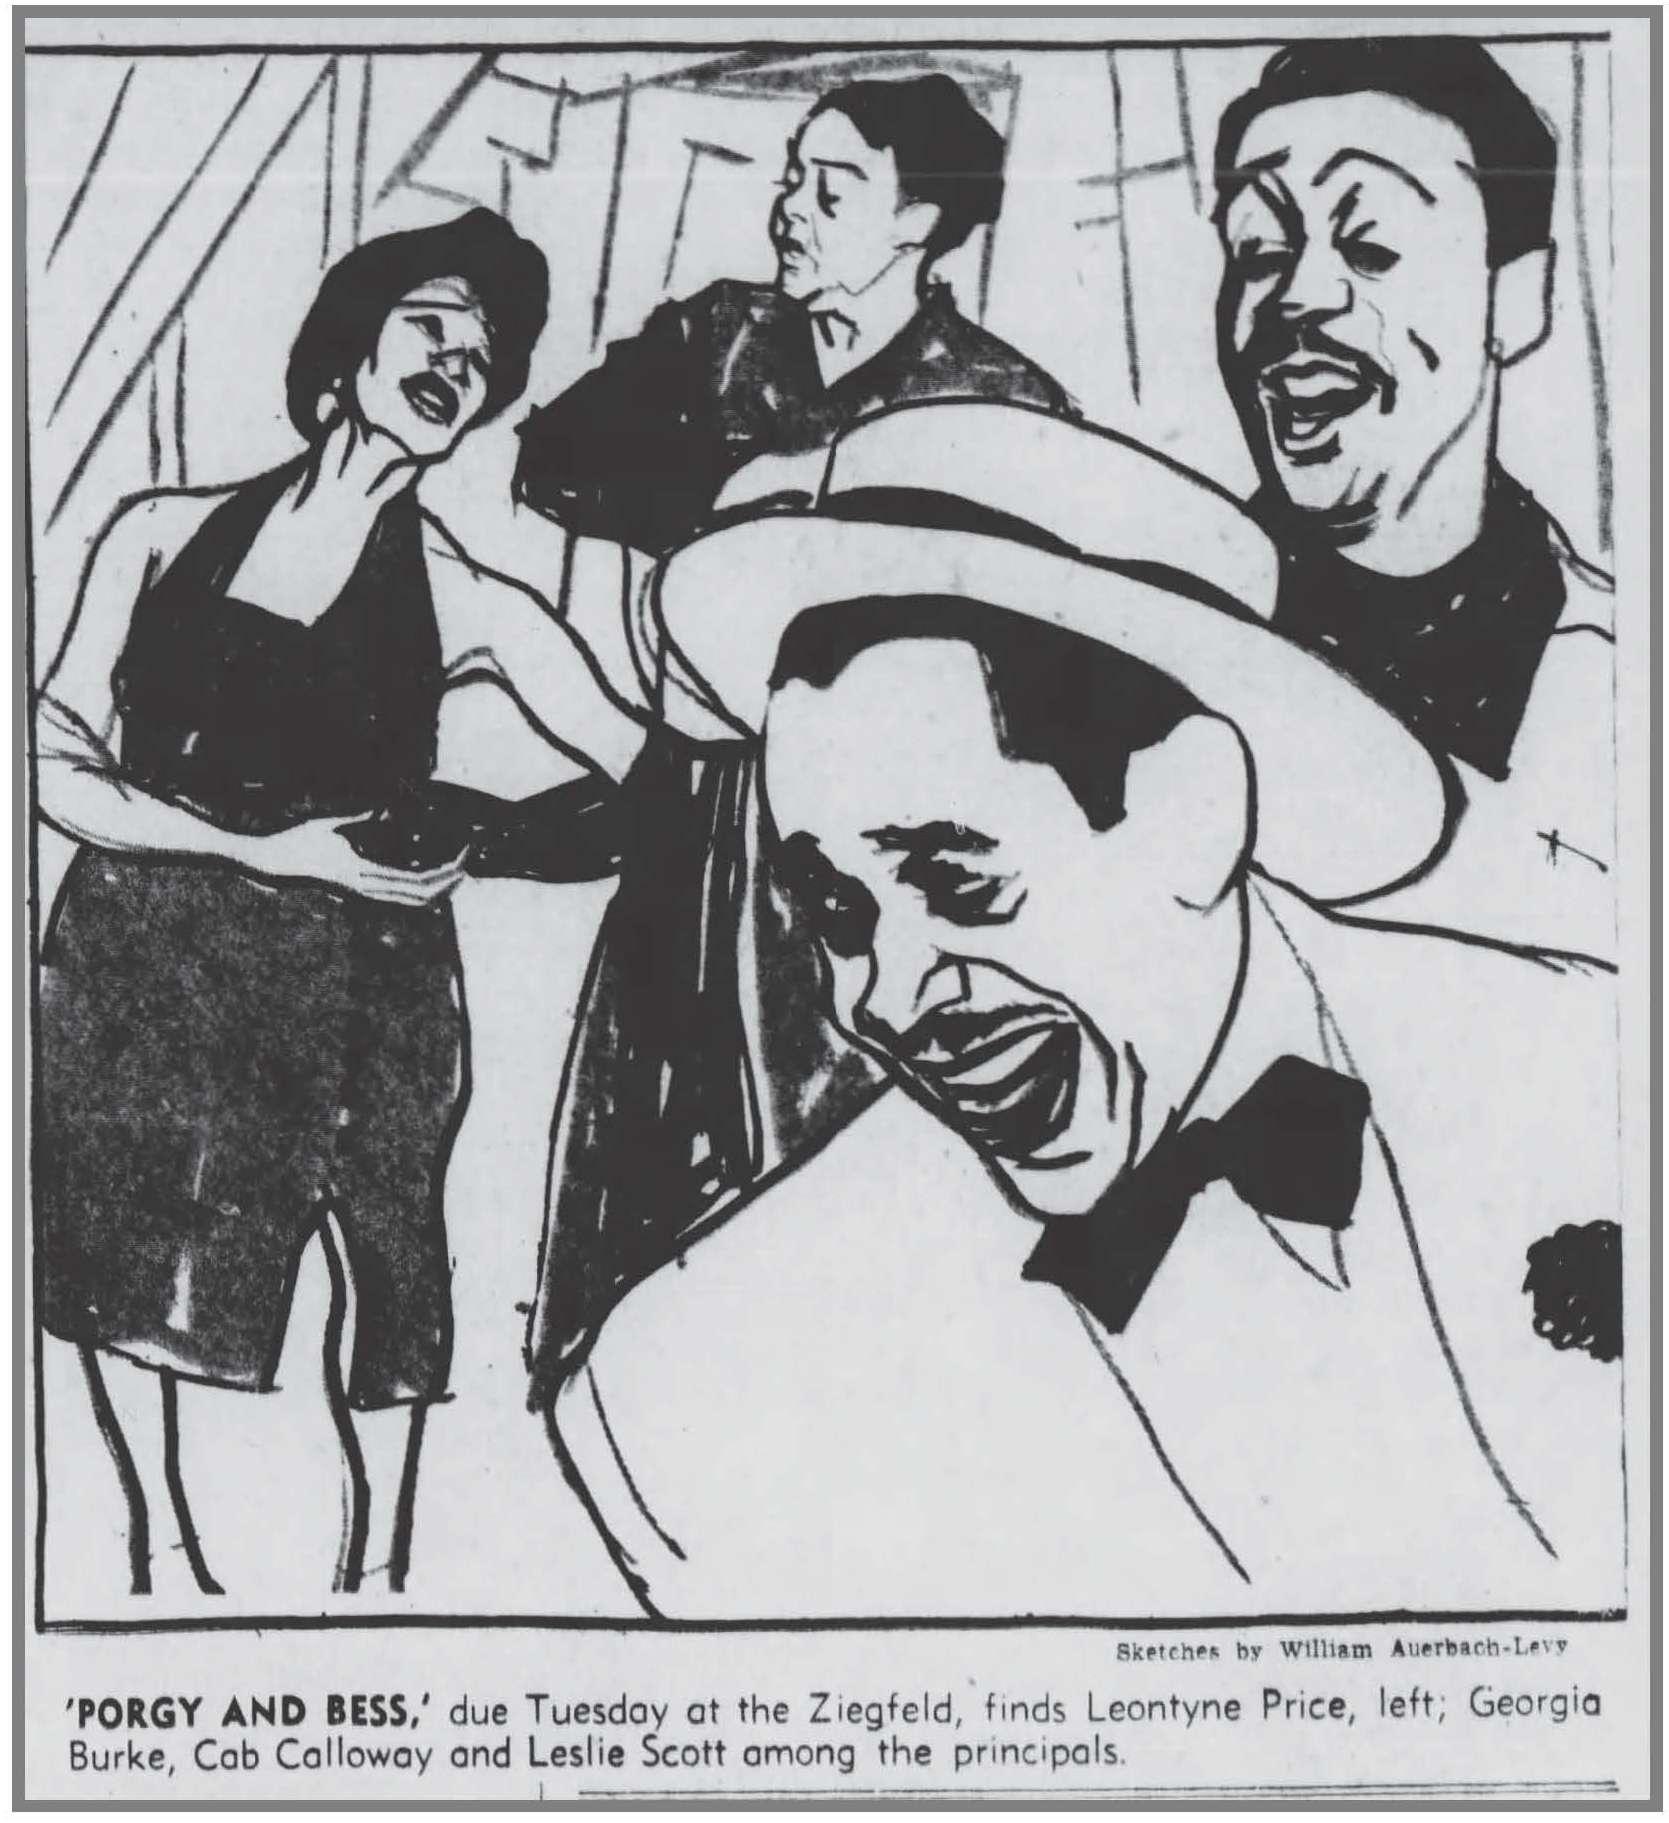 Brooklyn_Daily_Eagle_3_8_1953_Georgia_Burke